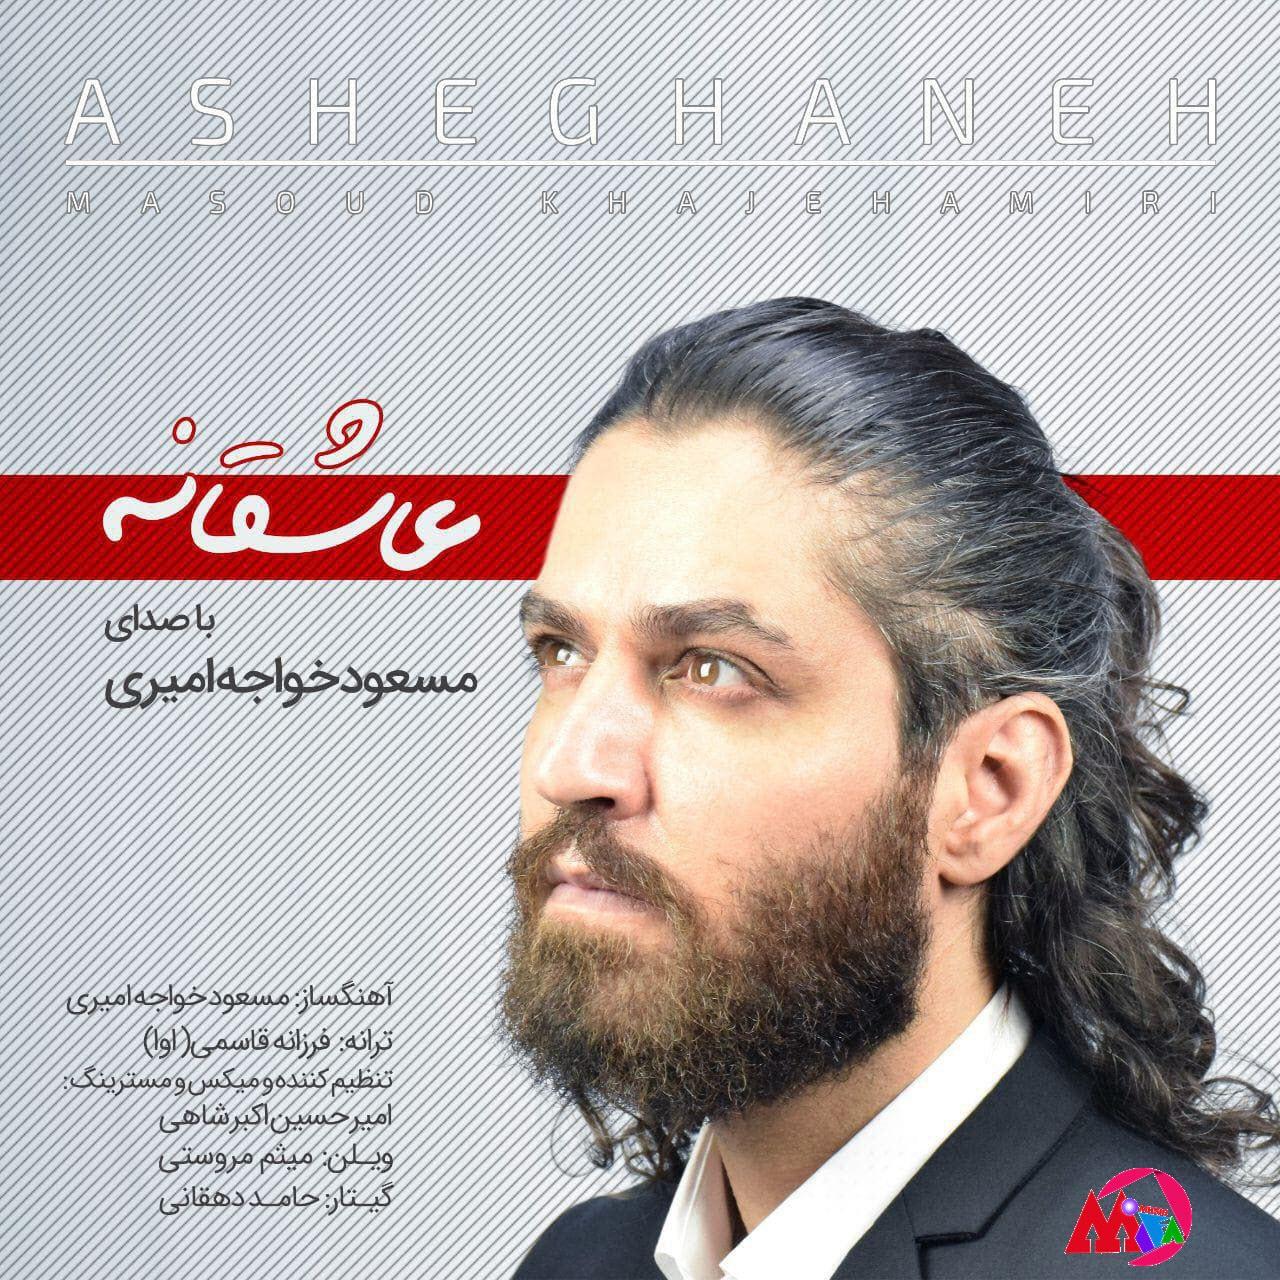 دانلود آهنگ جدید مسعود خواجه امیری عاشقانه